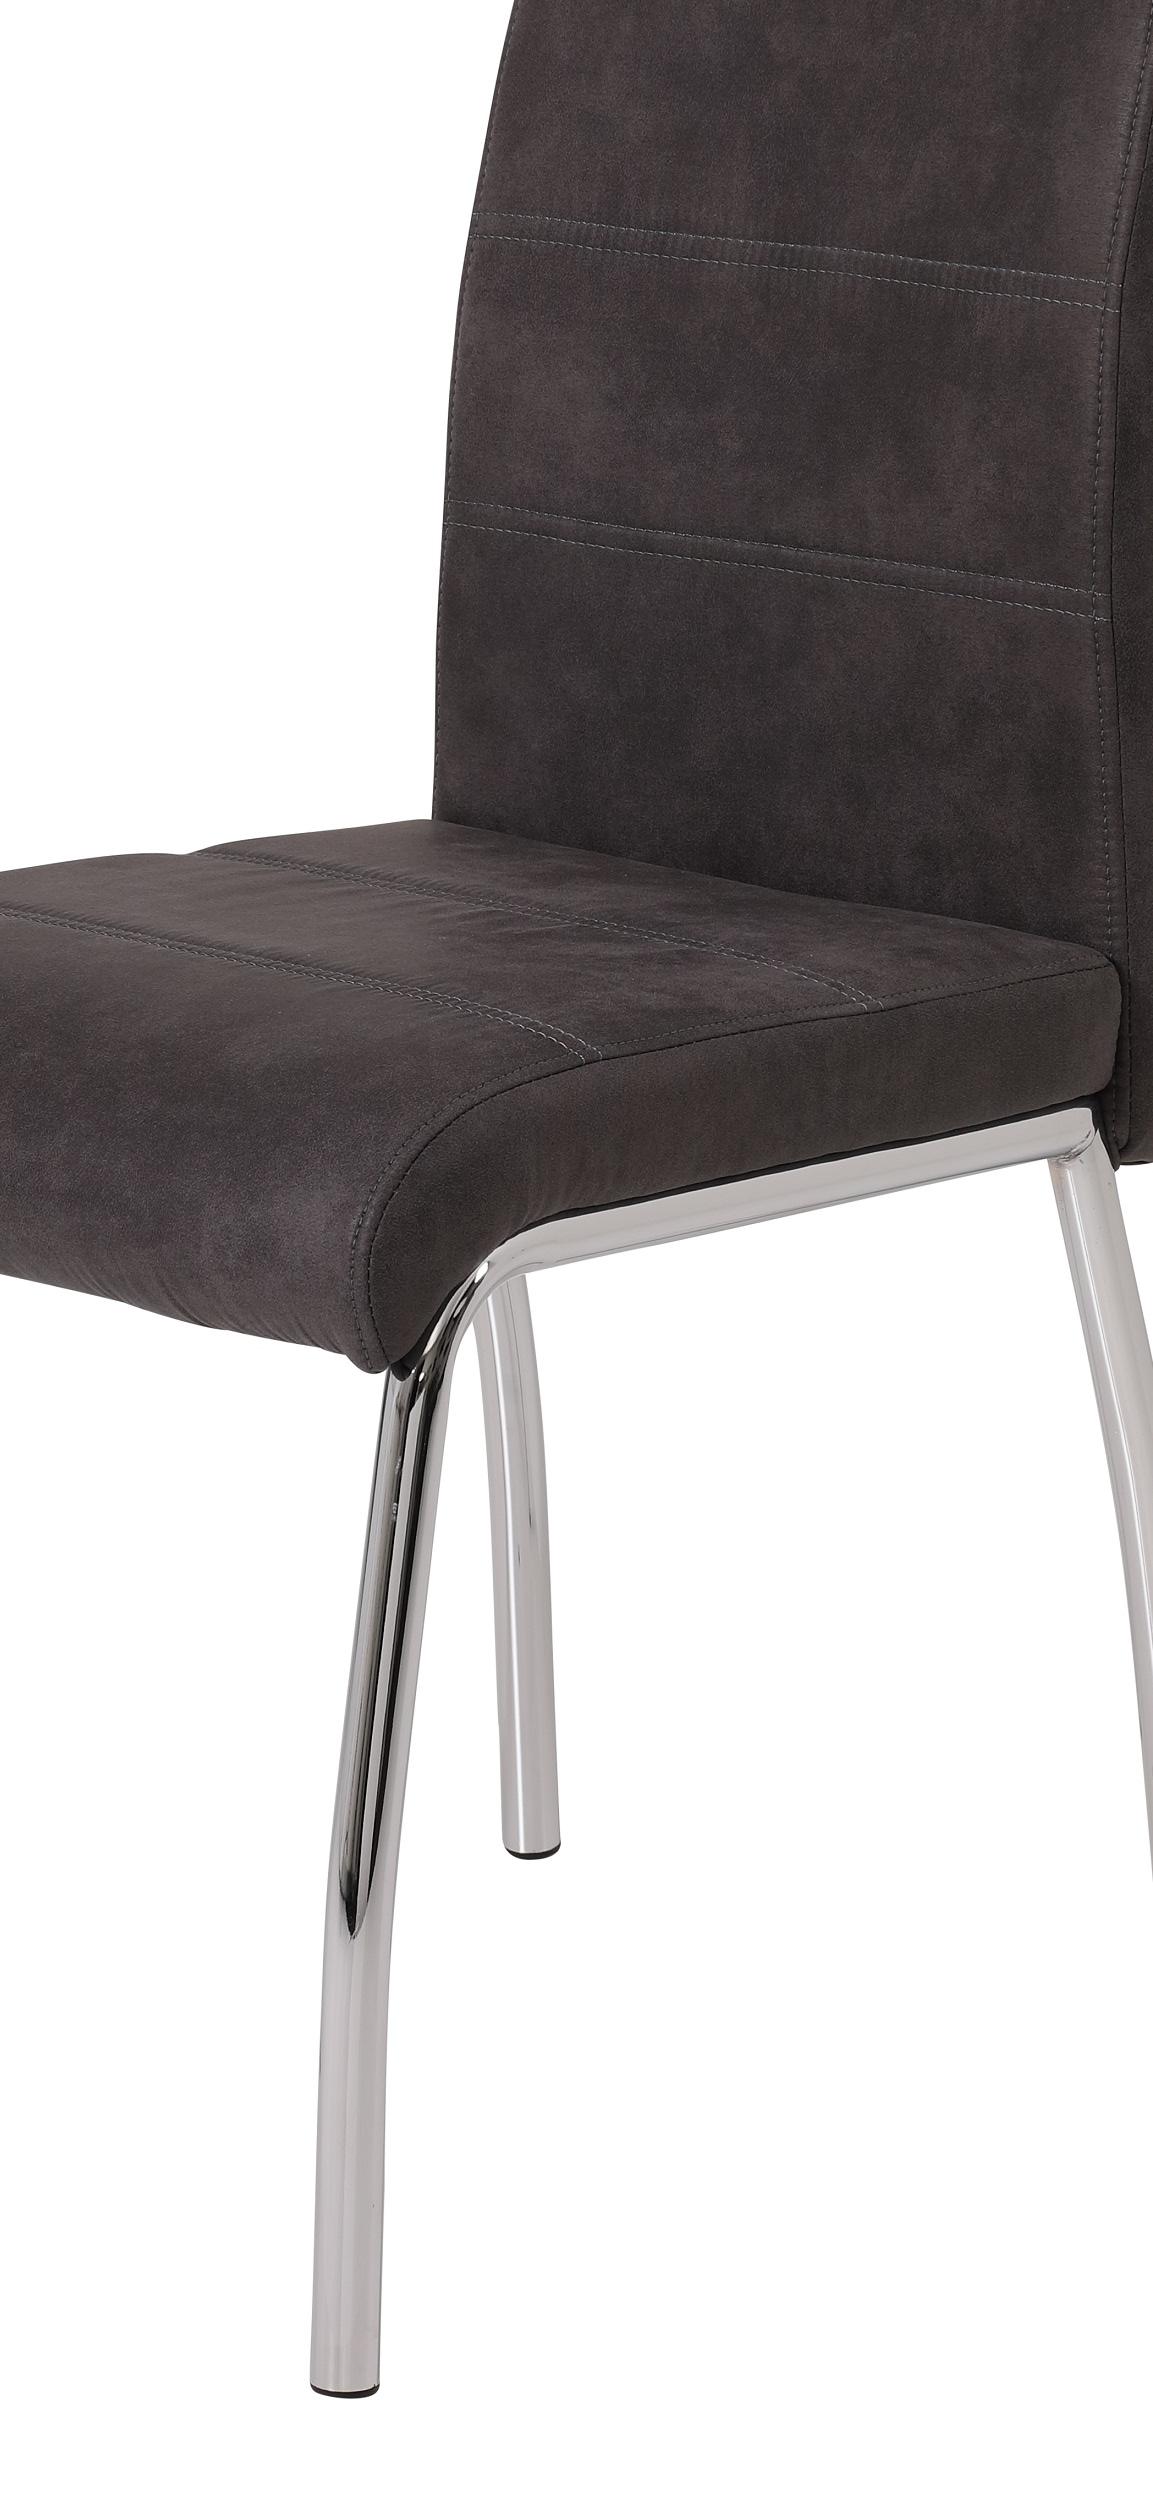 6 Stühle=Set Vierfussstuhl Stuhl Susi II S 46 Microfaser Vintage Anthrazit